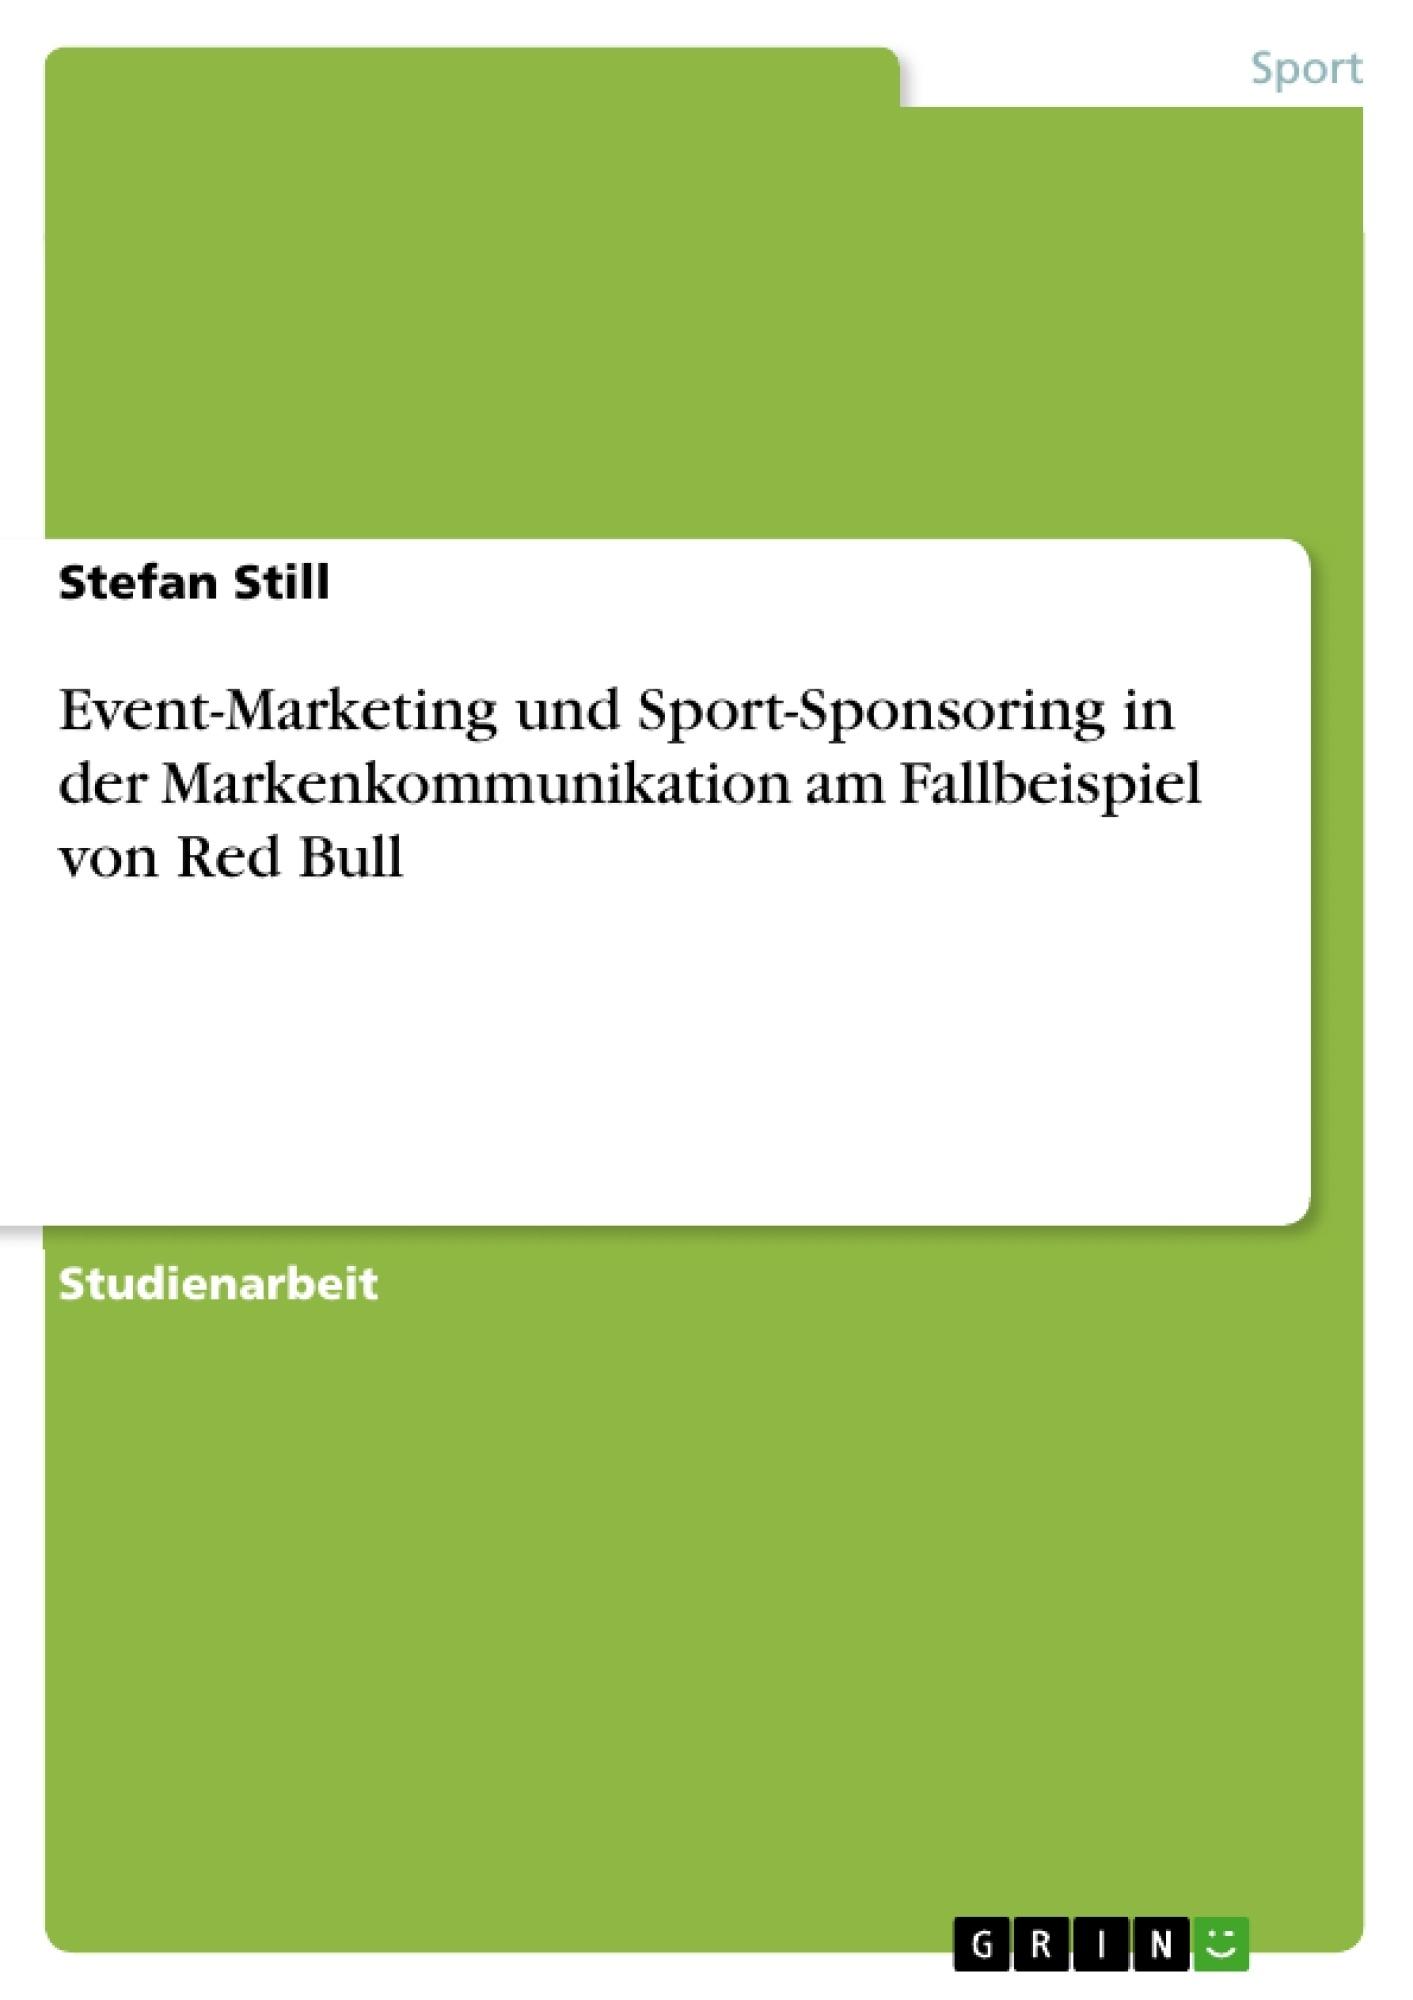 Titel: Event-Marketing und Sport-Sponsoring in der Markenkommunikation am Fallbeispiel von Red Bull